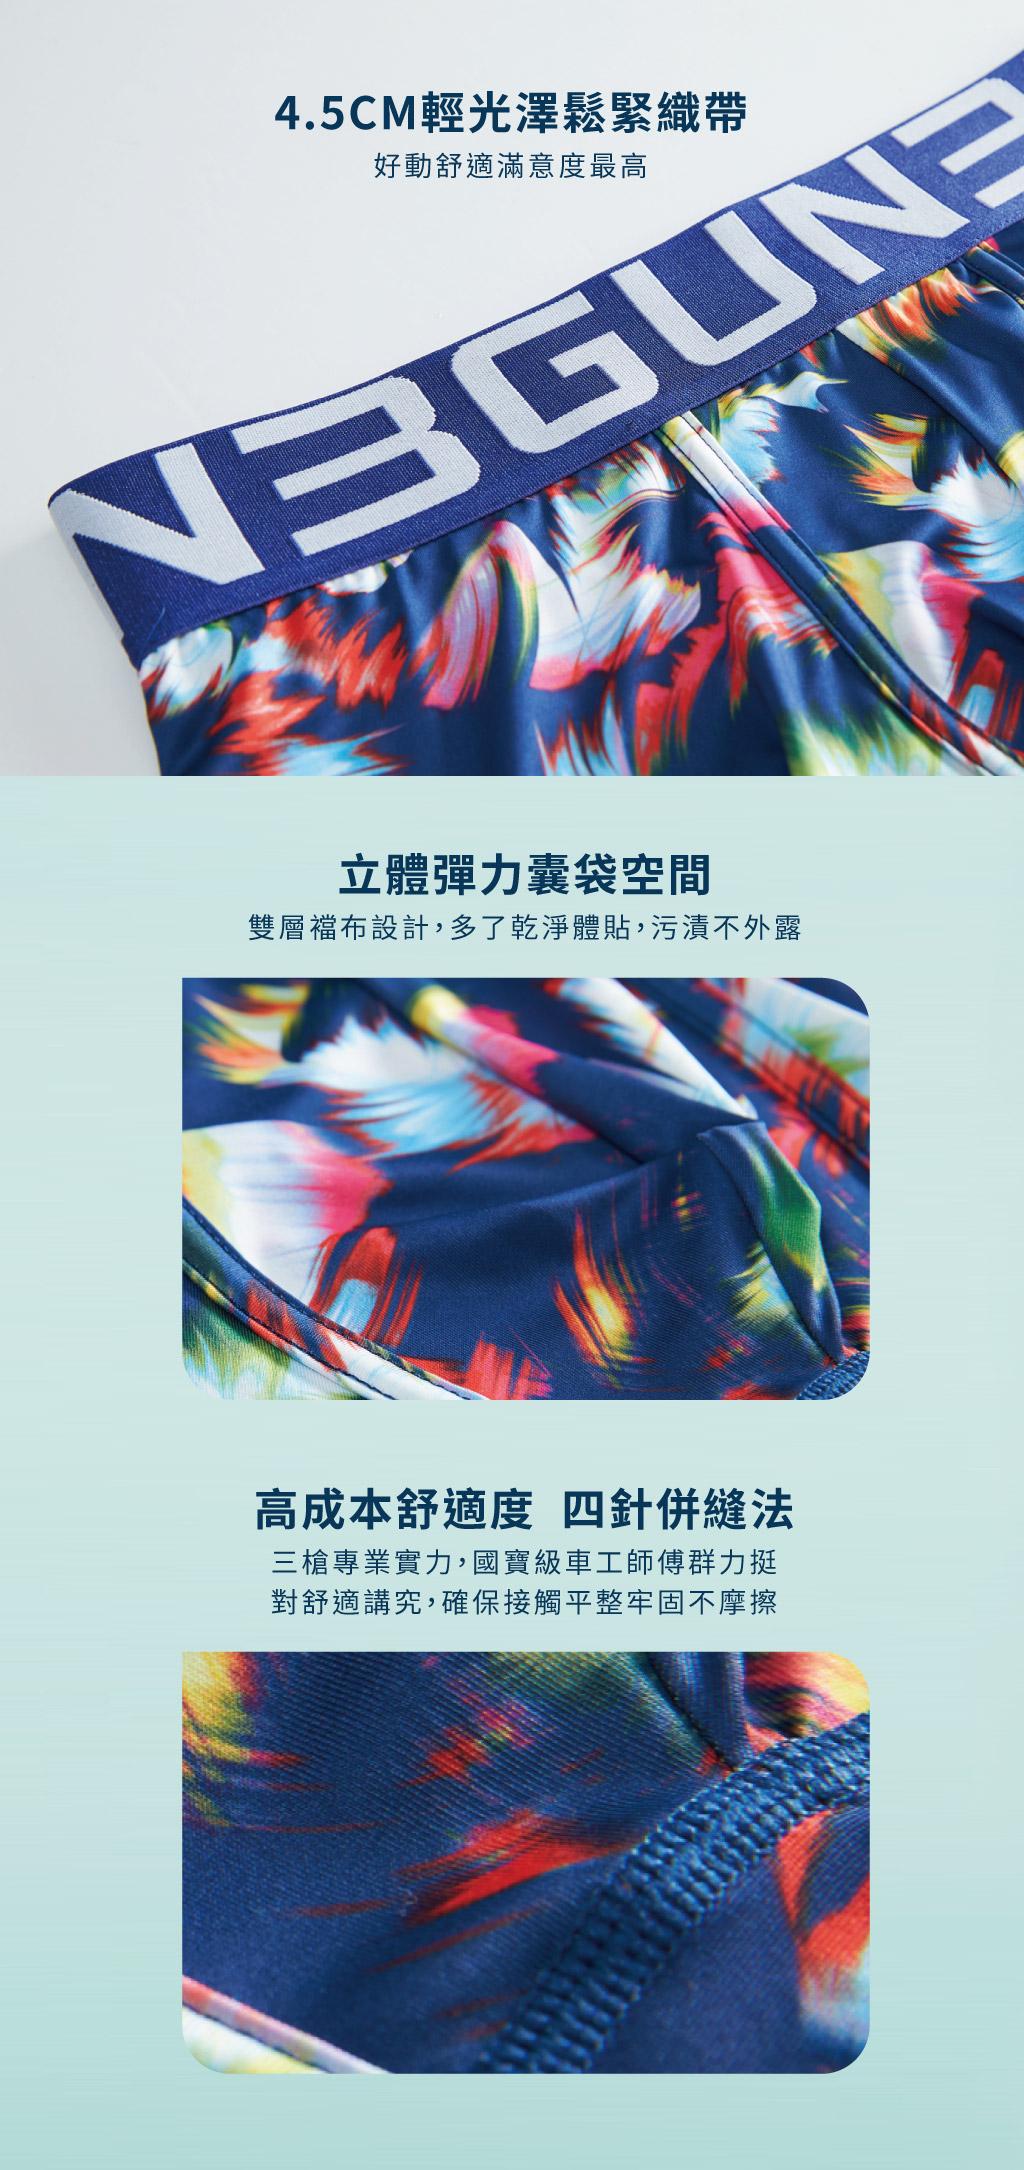 3GUN |男性時尚內衣褲MIT品牌-限量印花-炫彩男永效吸排平口褲